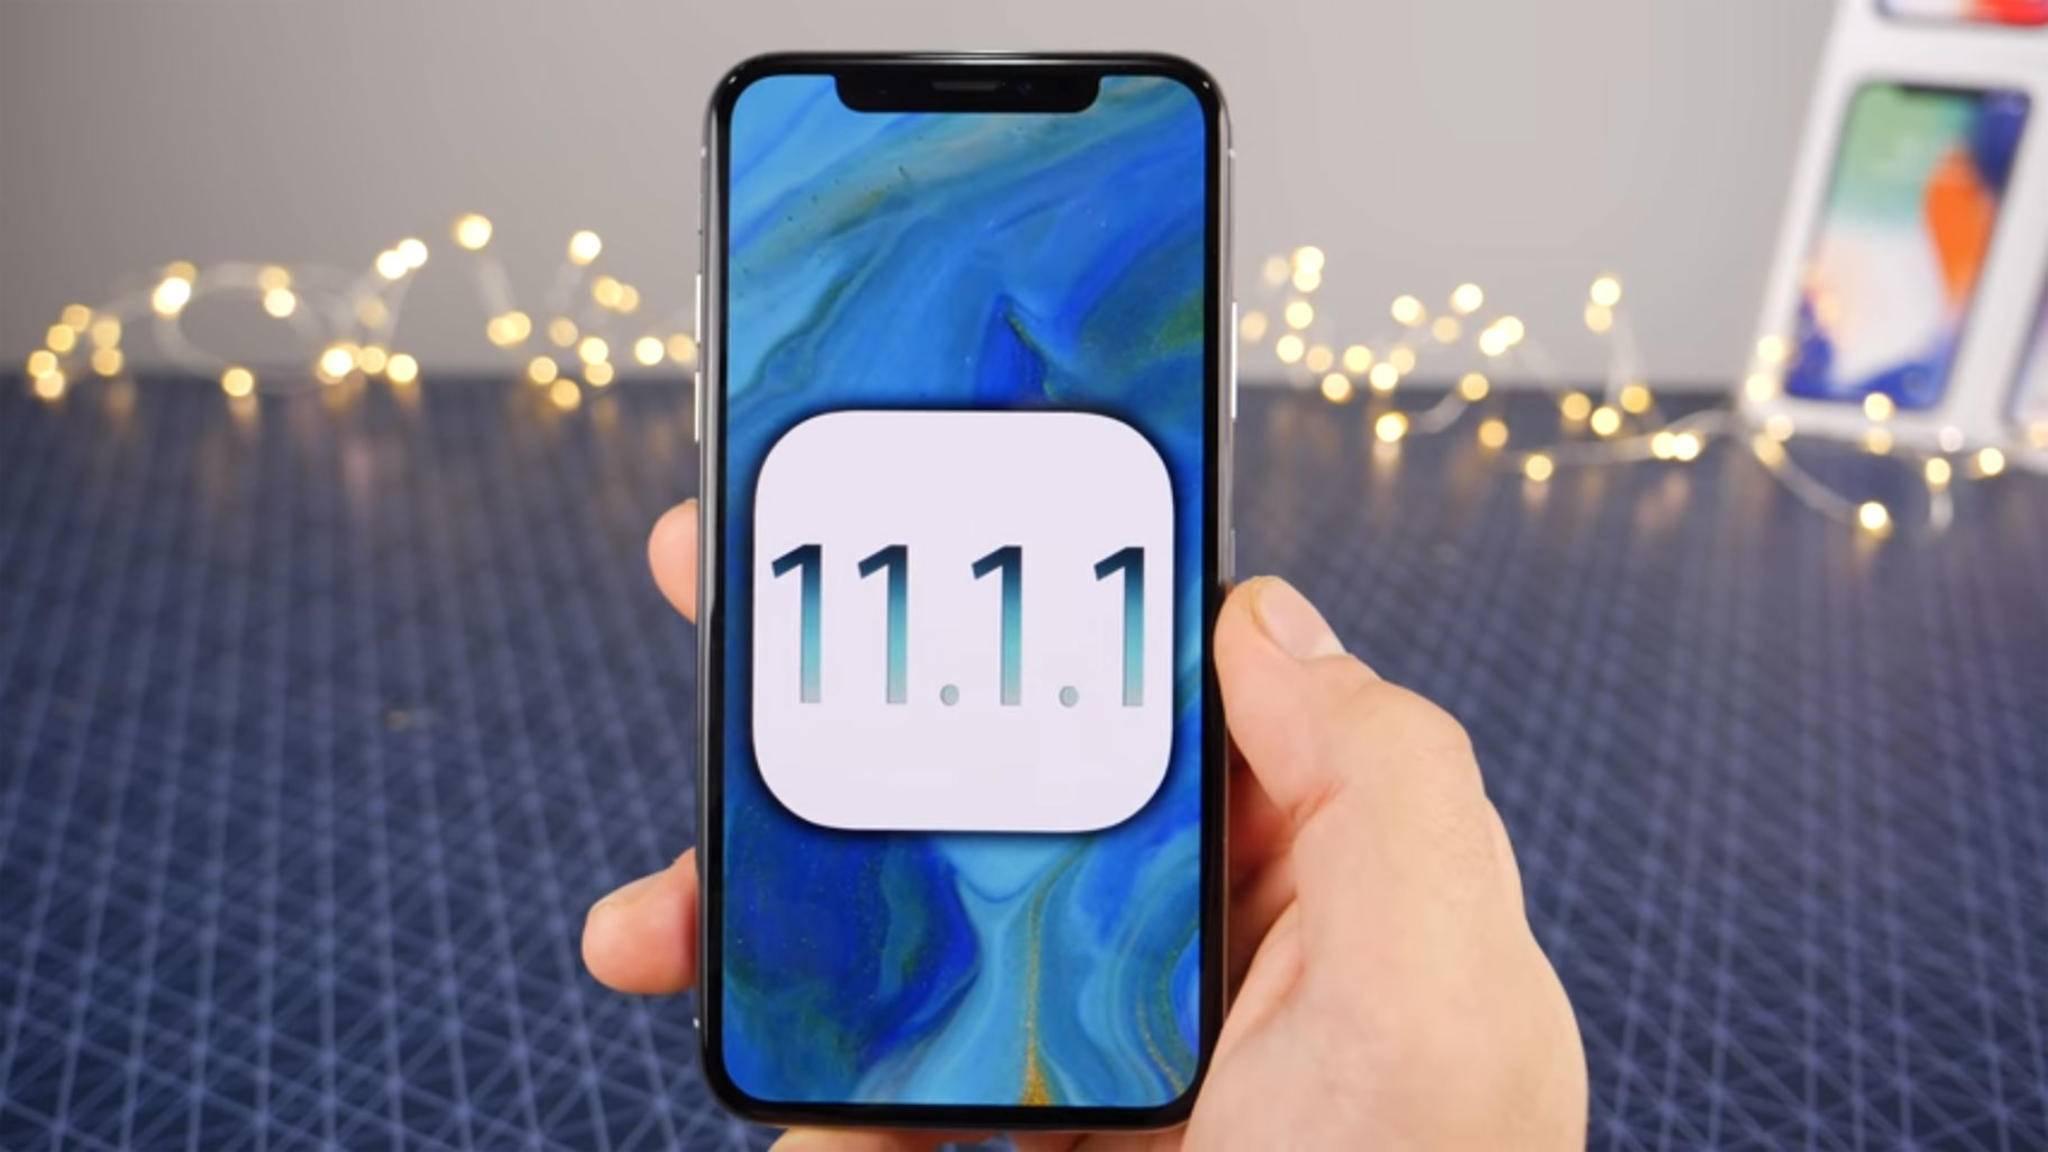 iOS-Versionen vor iOS 11.1.2 könnten bald einen Jailbreak erhalten.